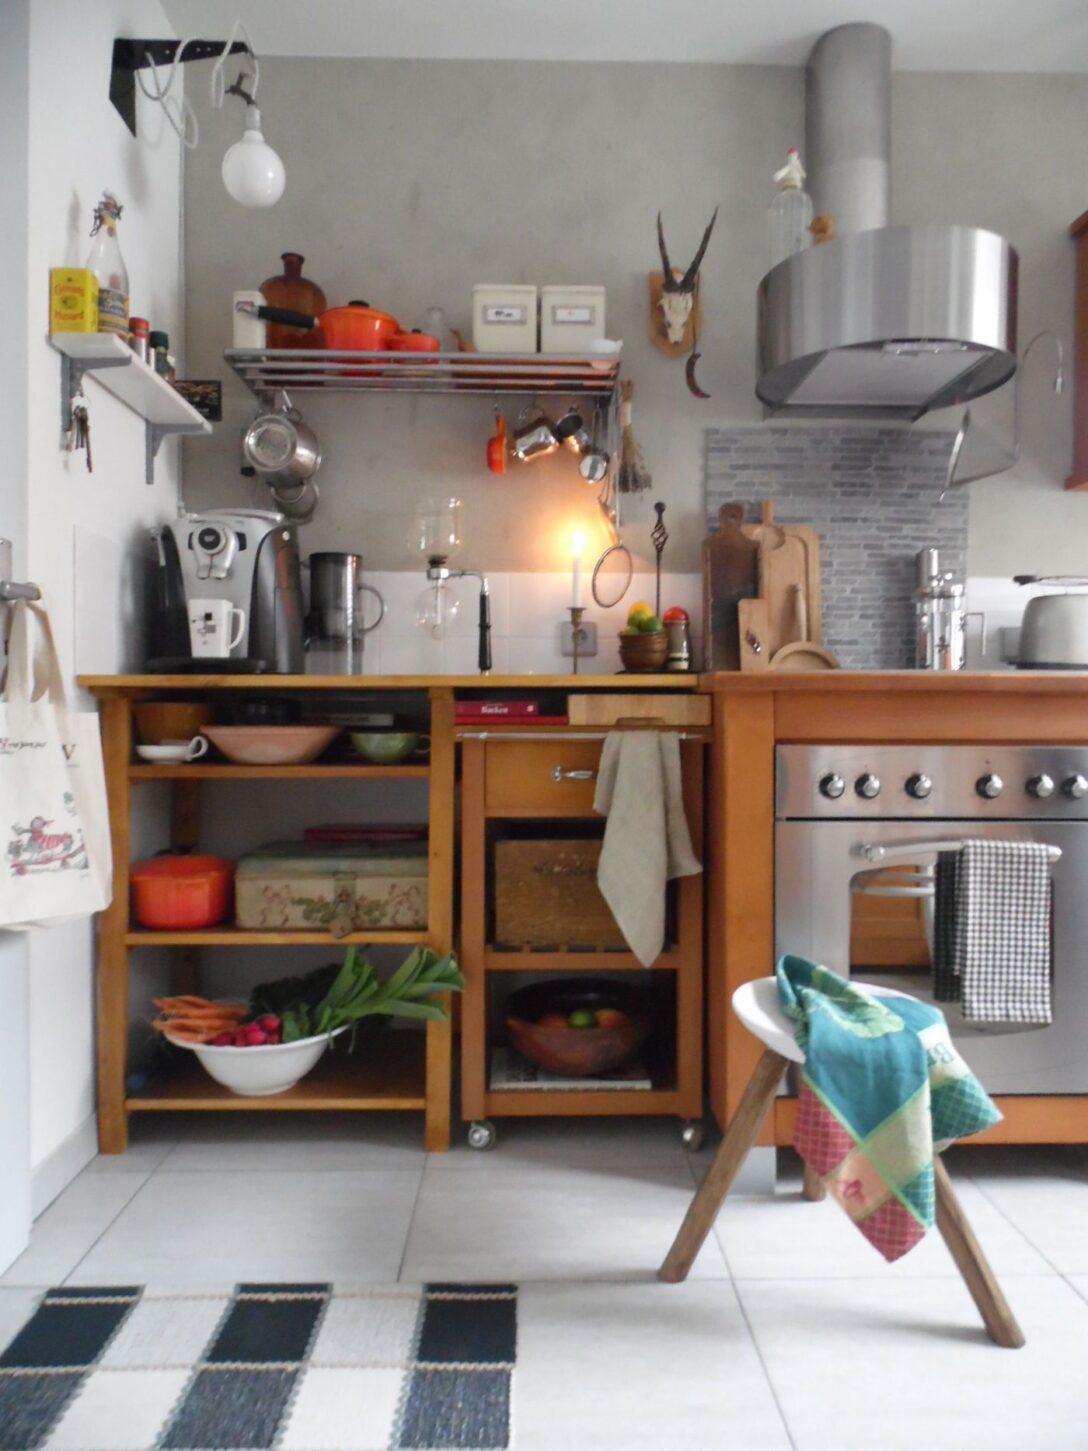 Large Size of Wandgestaltung Küche Besten Ideen Fr In Der Kche Modern Weiss Wanduhr Küchen Regal Mit Elektrogeräten Günstig Singelküche Industrial Abfallbehälter Wohnzimmer Wandgestaltung Küche